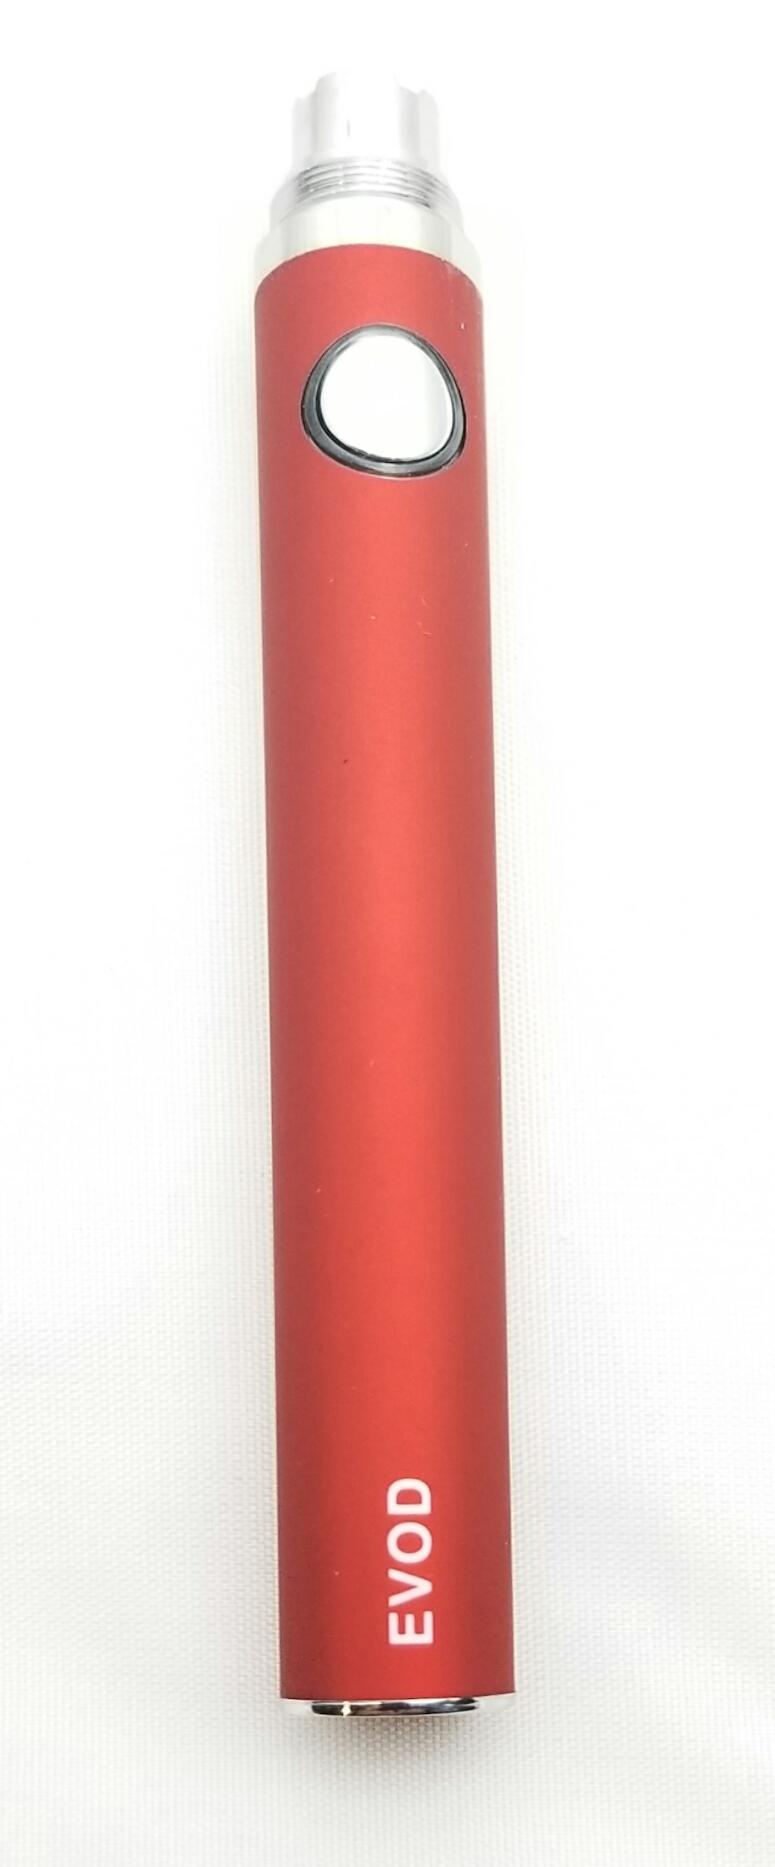 Root Beer - 1,000 mg cartridge